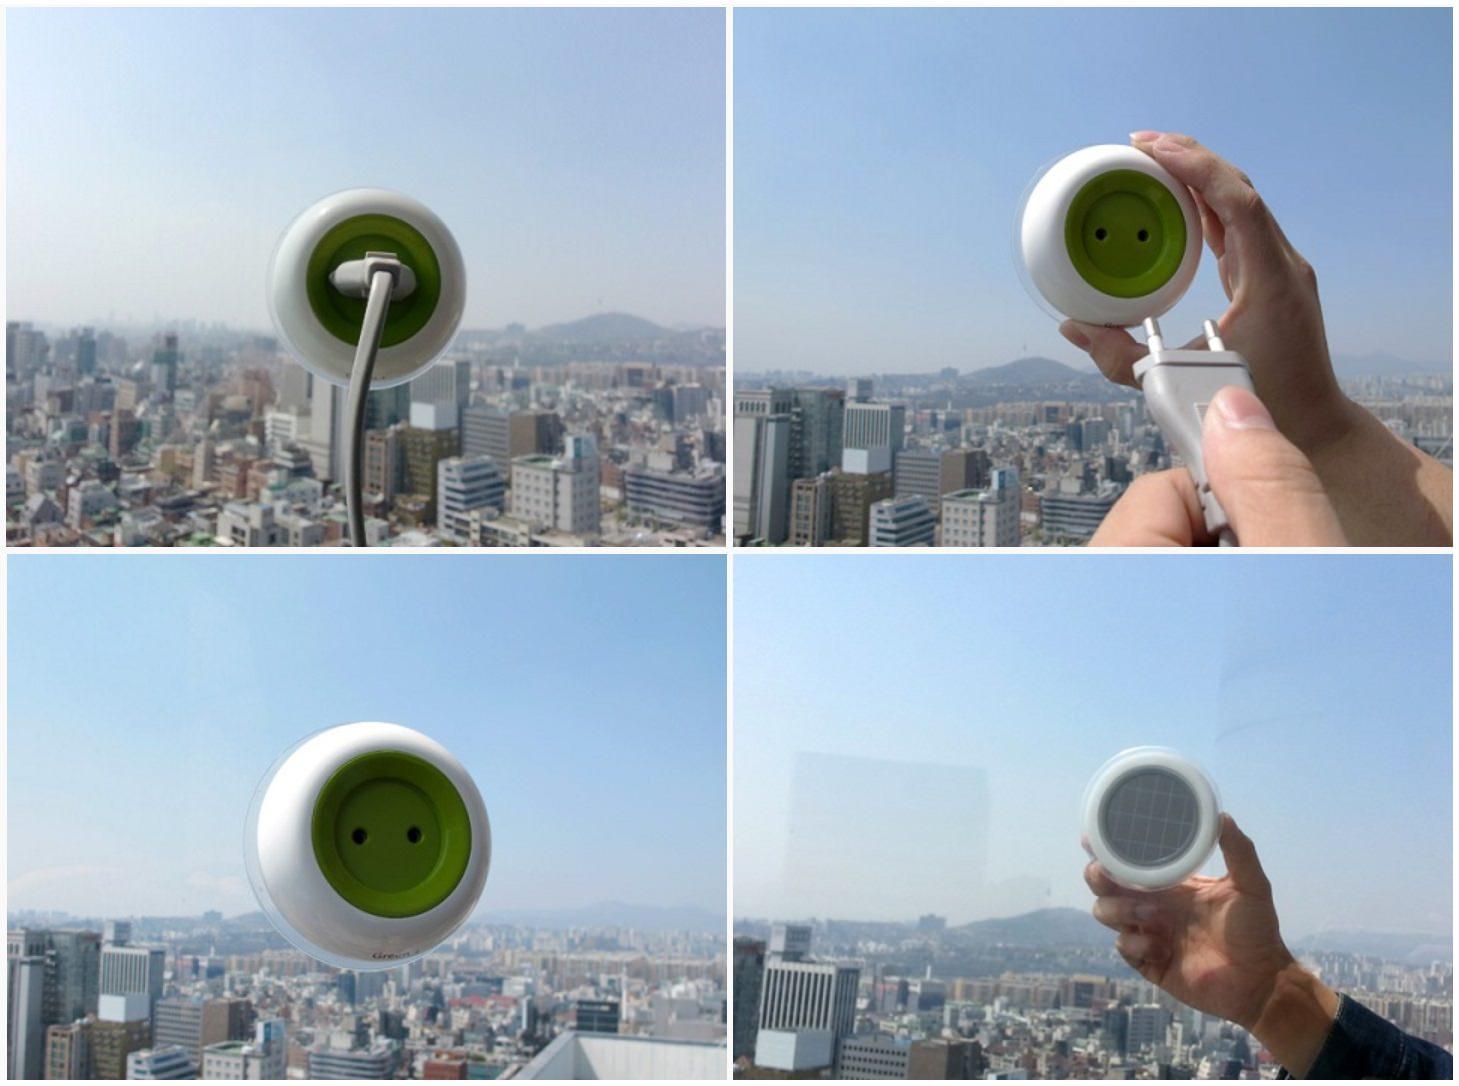 Window Socket-Green+-prise-électrique-solaire-qui-peut-fournir-de-électricité-gratuitement-high-tech-design-écolo-écologique-effronté-05